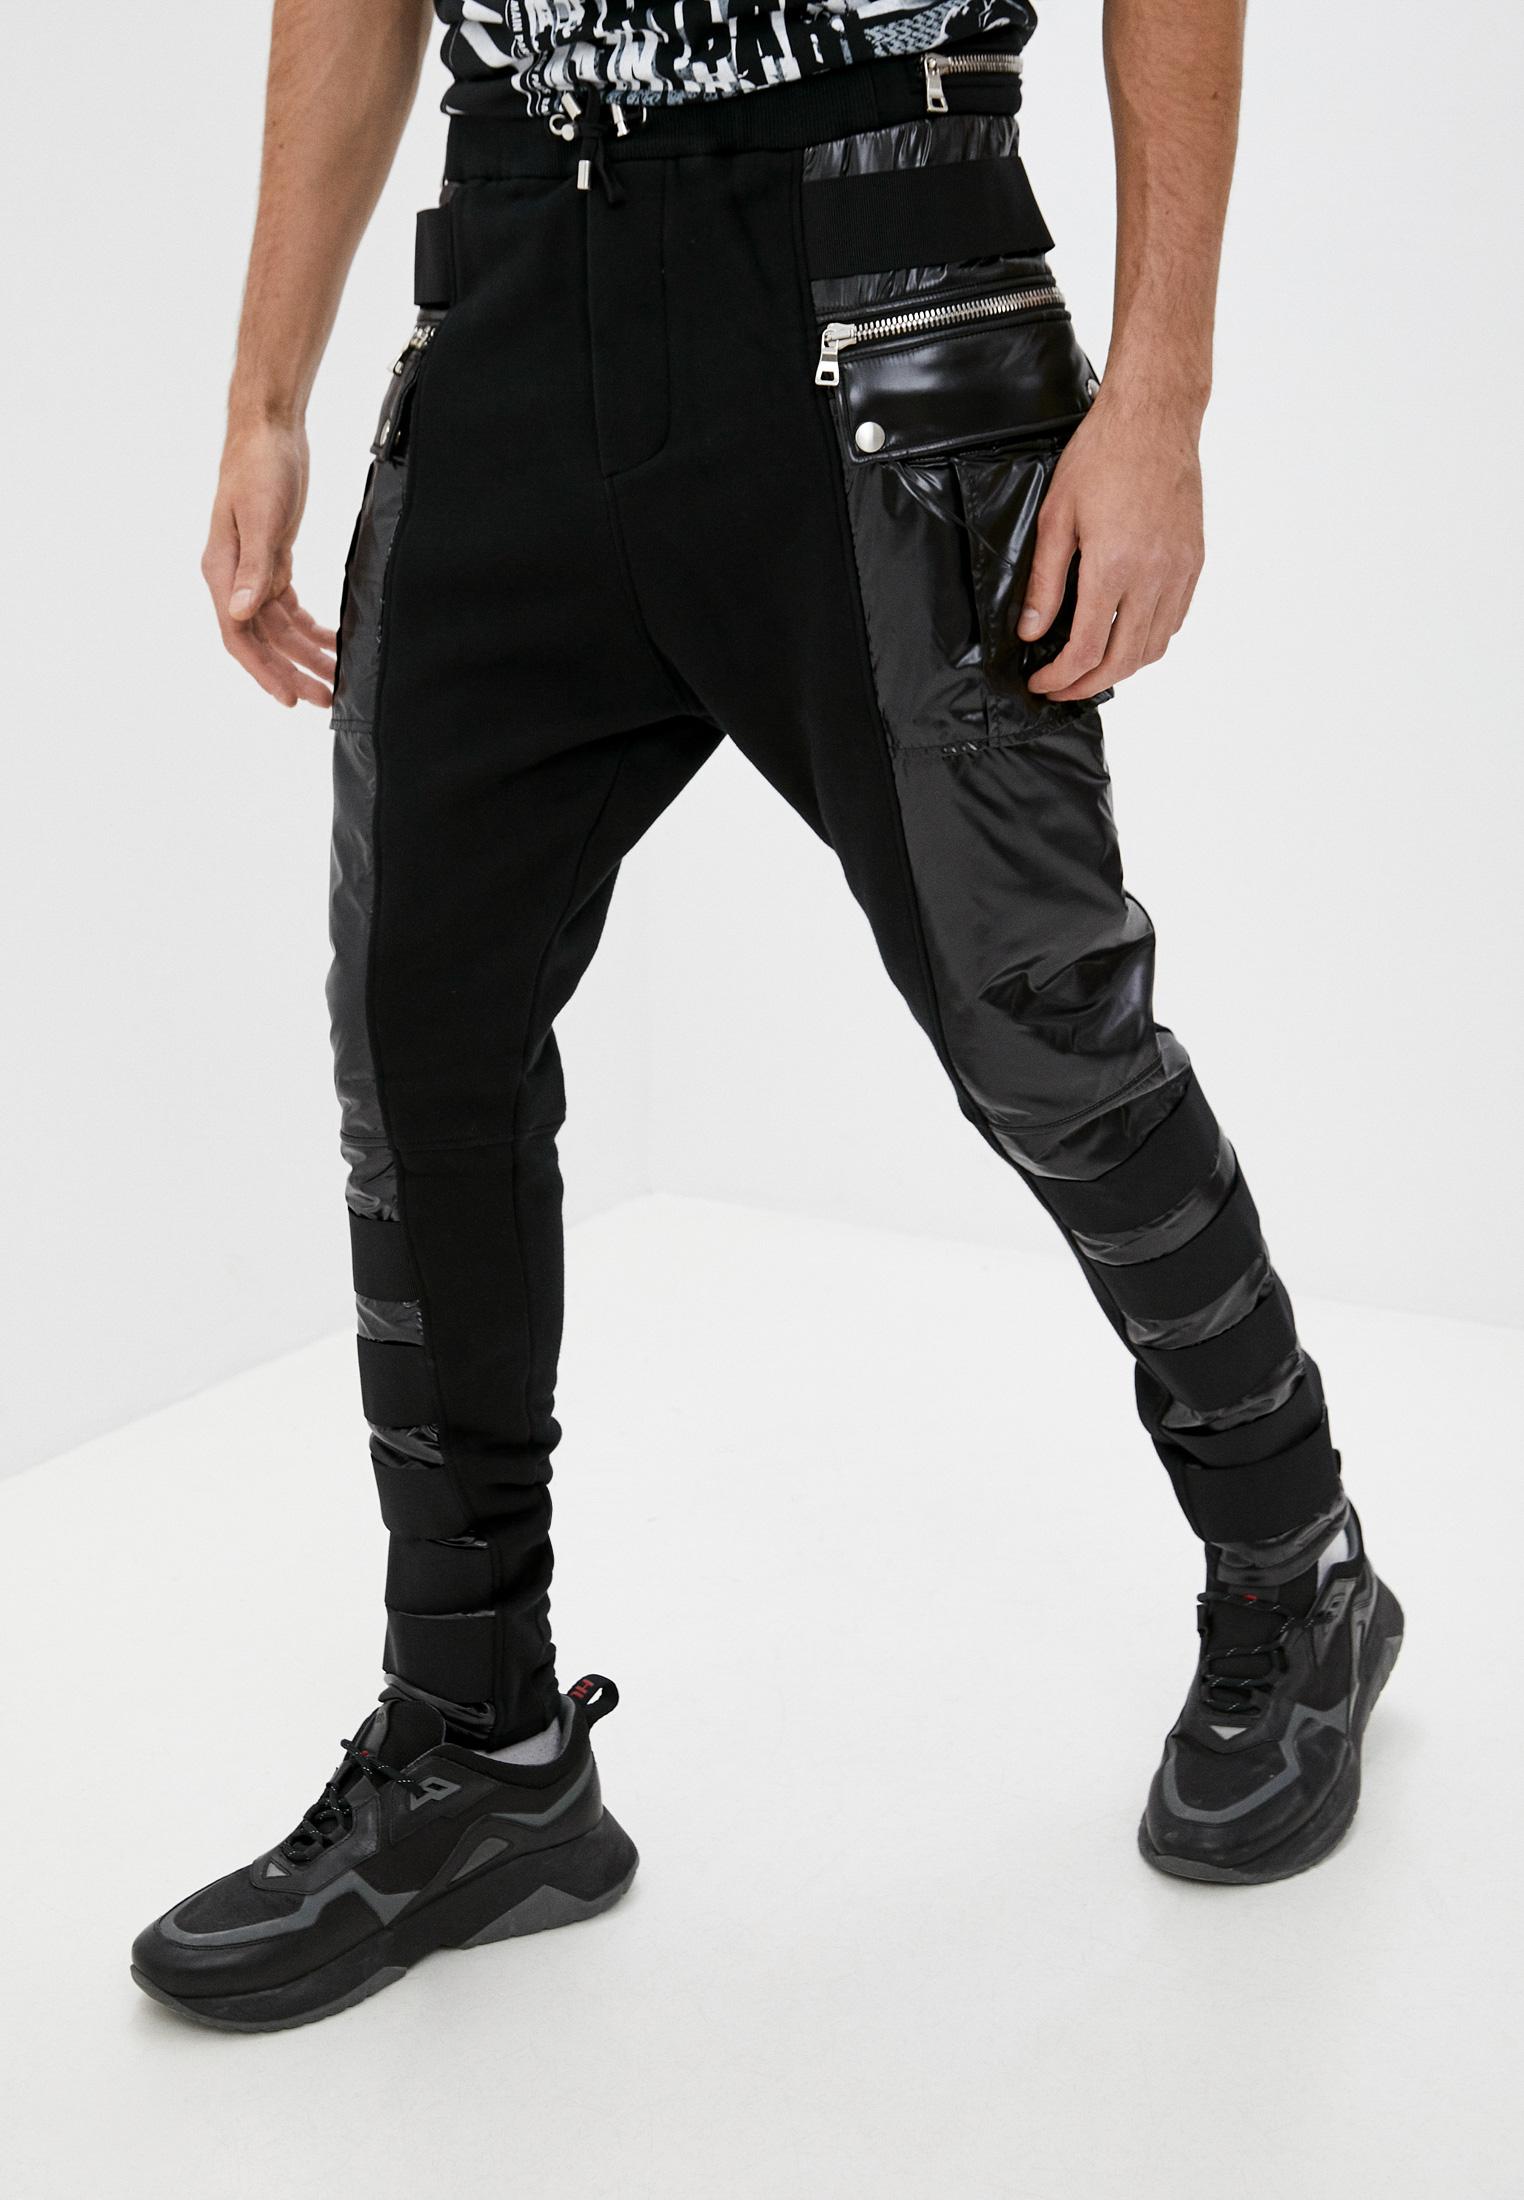 Мужские спортивные брюки Balmain (Балмаин) Брюки спортивные Balmain